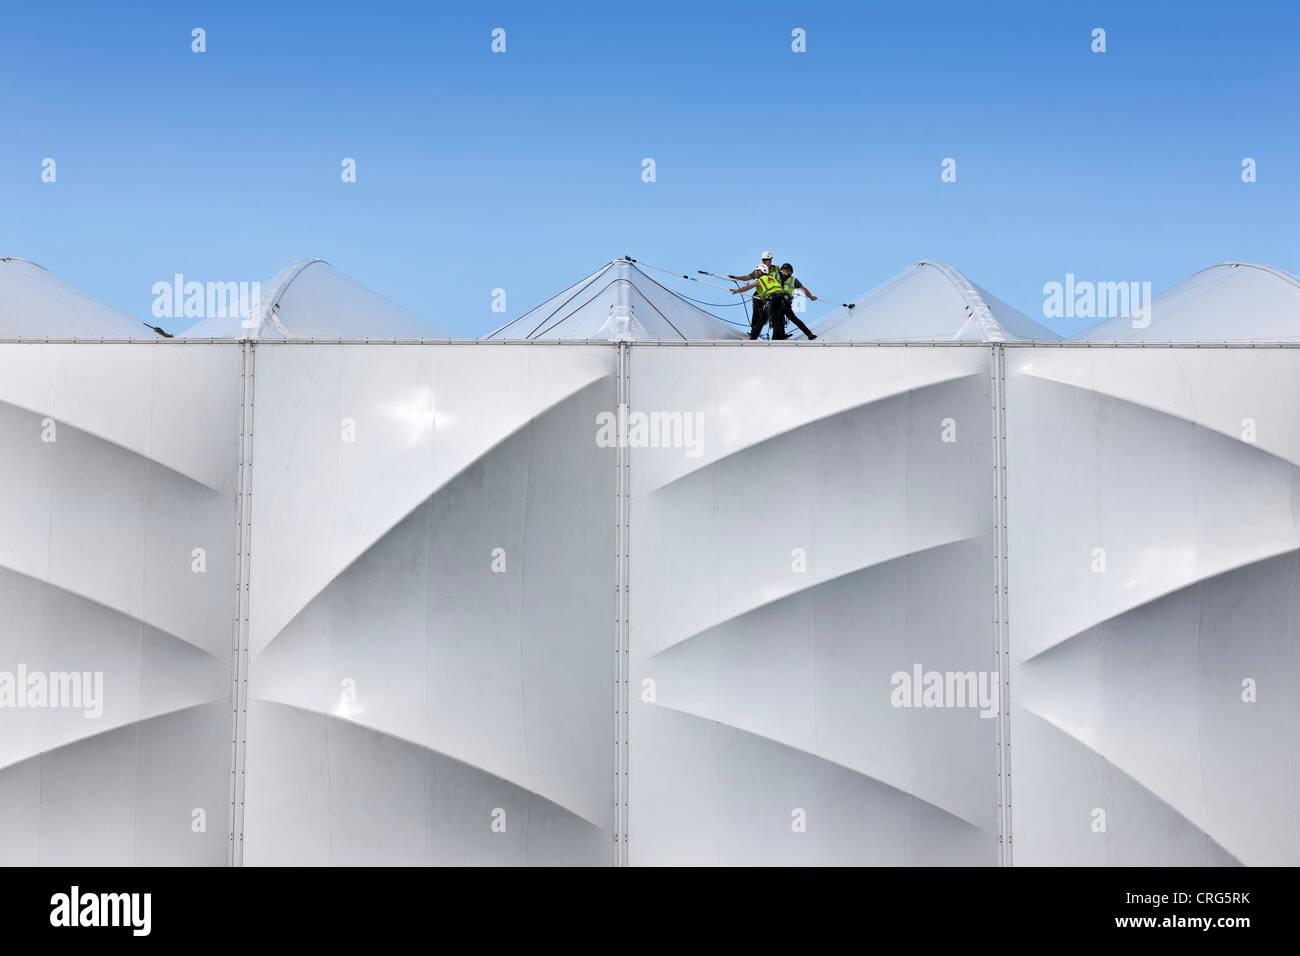 Les travailleurs de la construction à l'arène de basket-ball de nettoyage au Parc olympique de Stratford Photo Stock